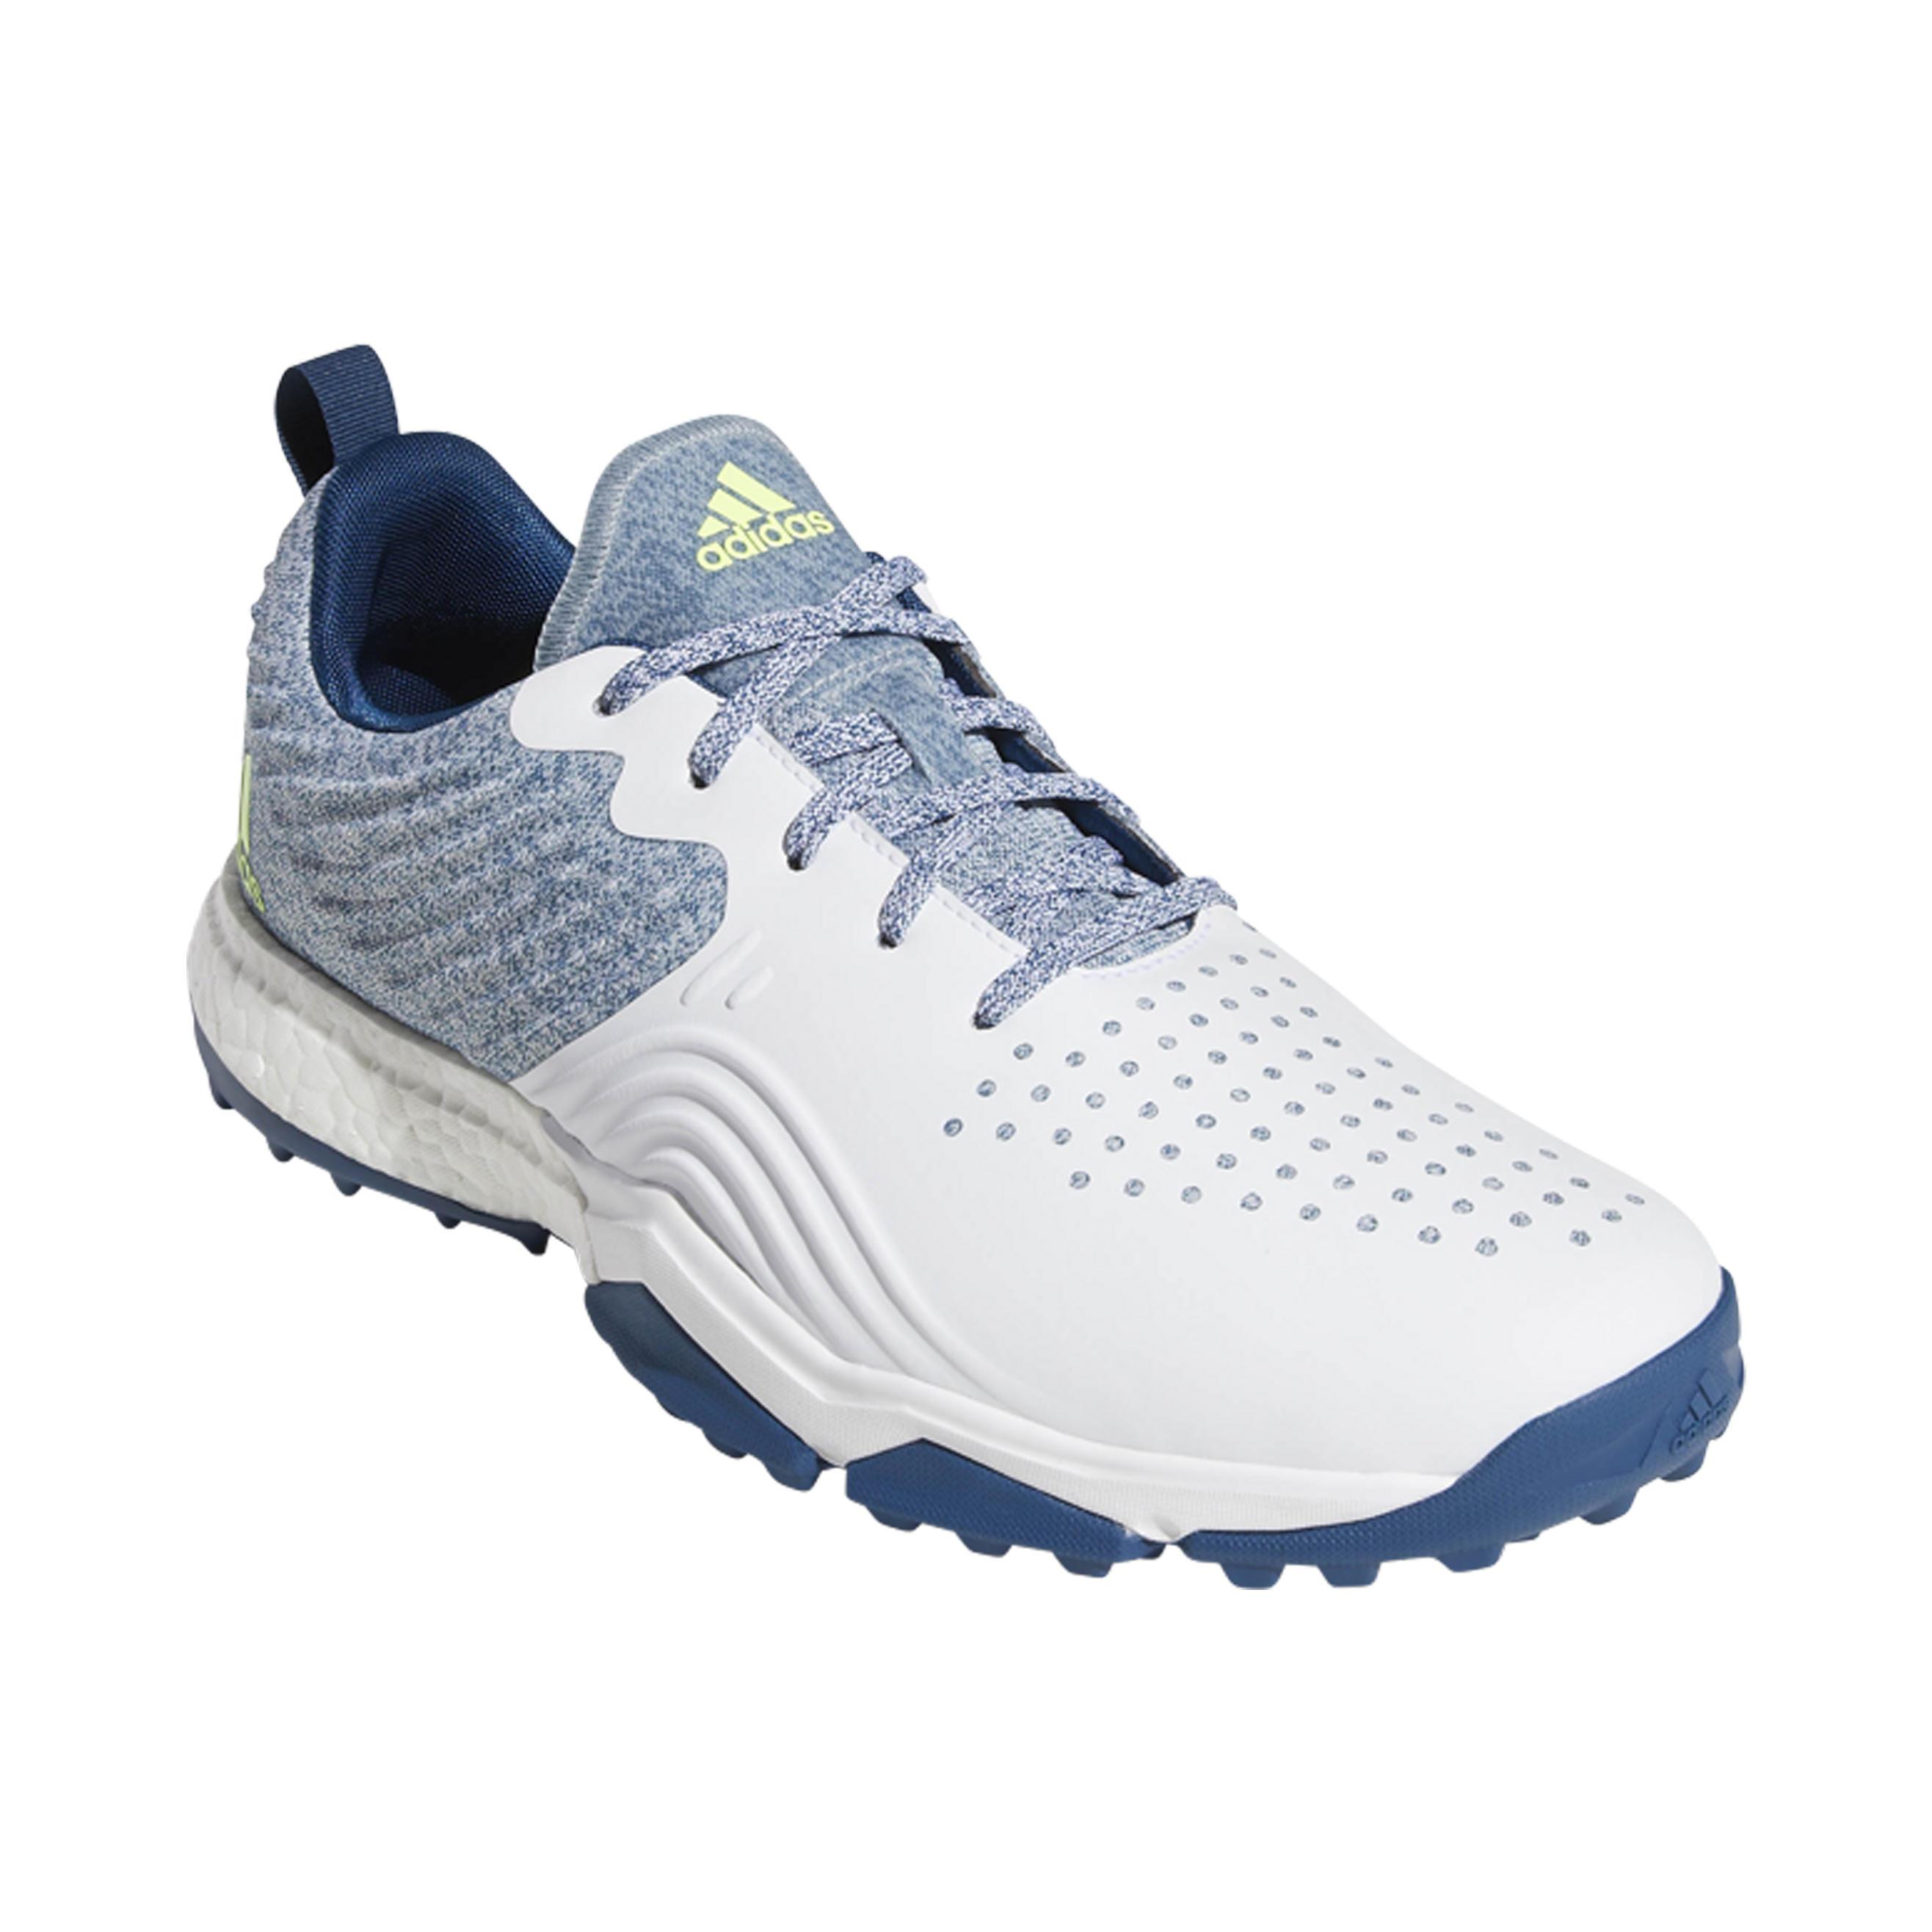 Adidas Golfschoenen voor heren Adipower Forged S kopen